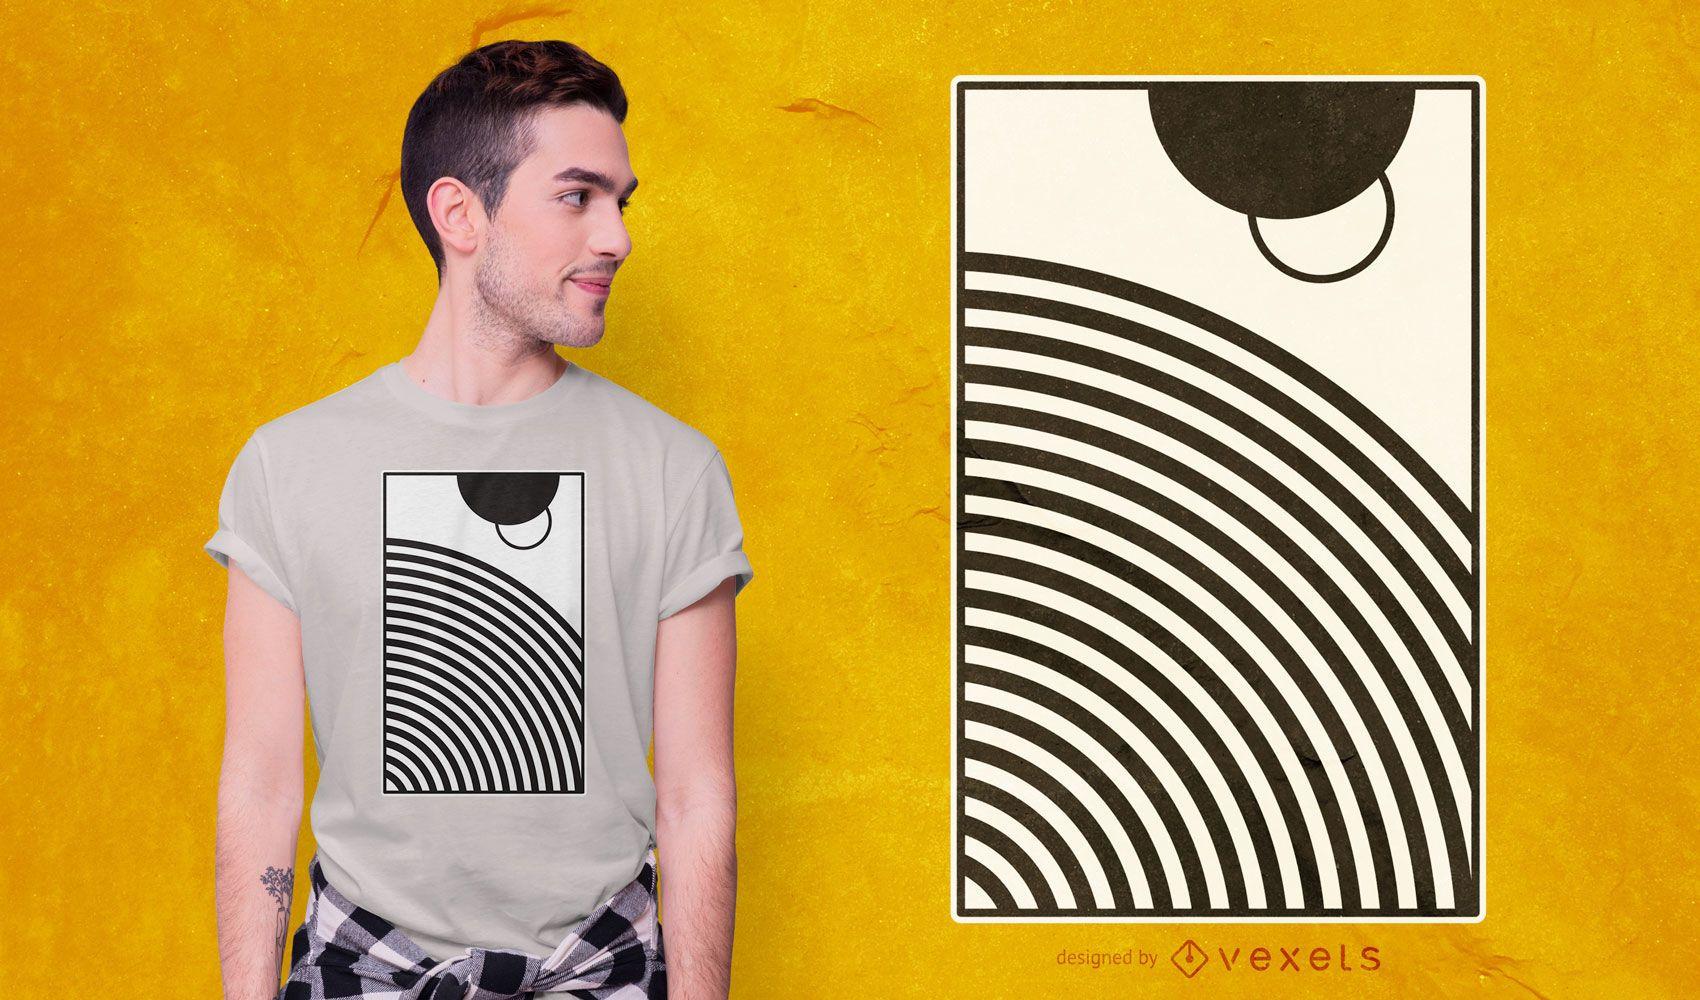 Abstract Circles T-shirt Design